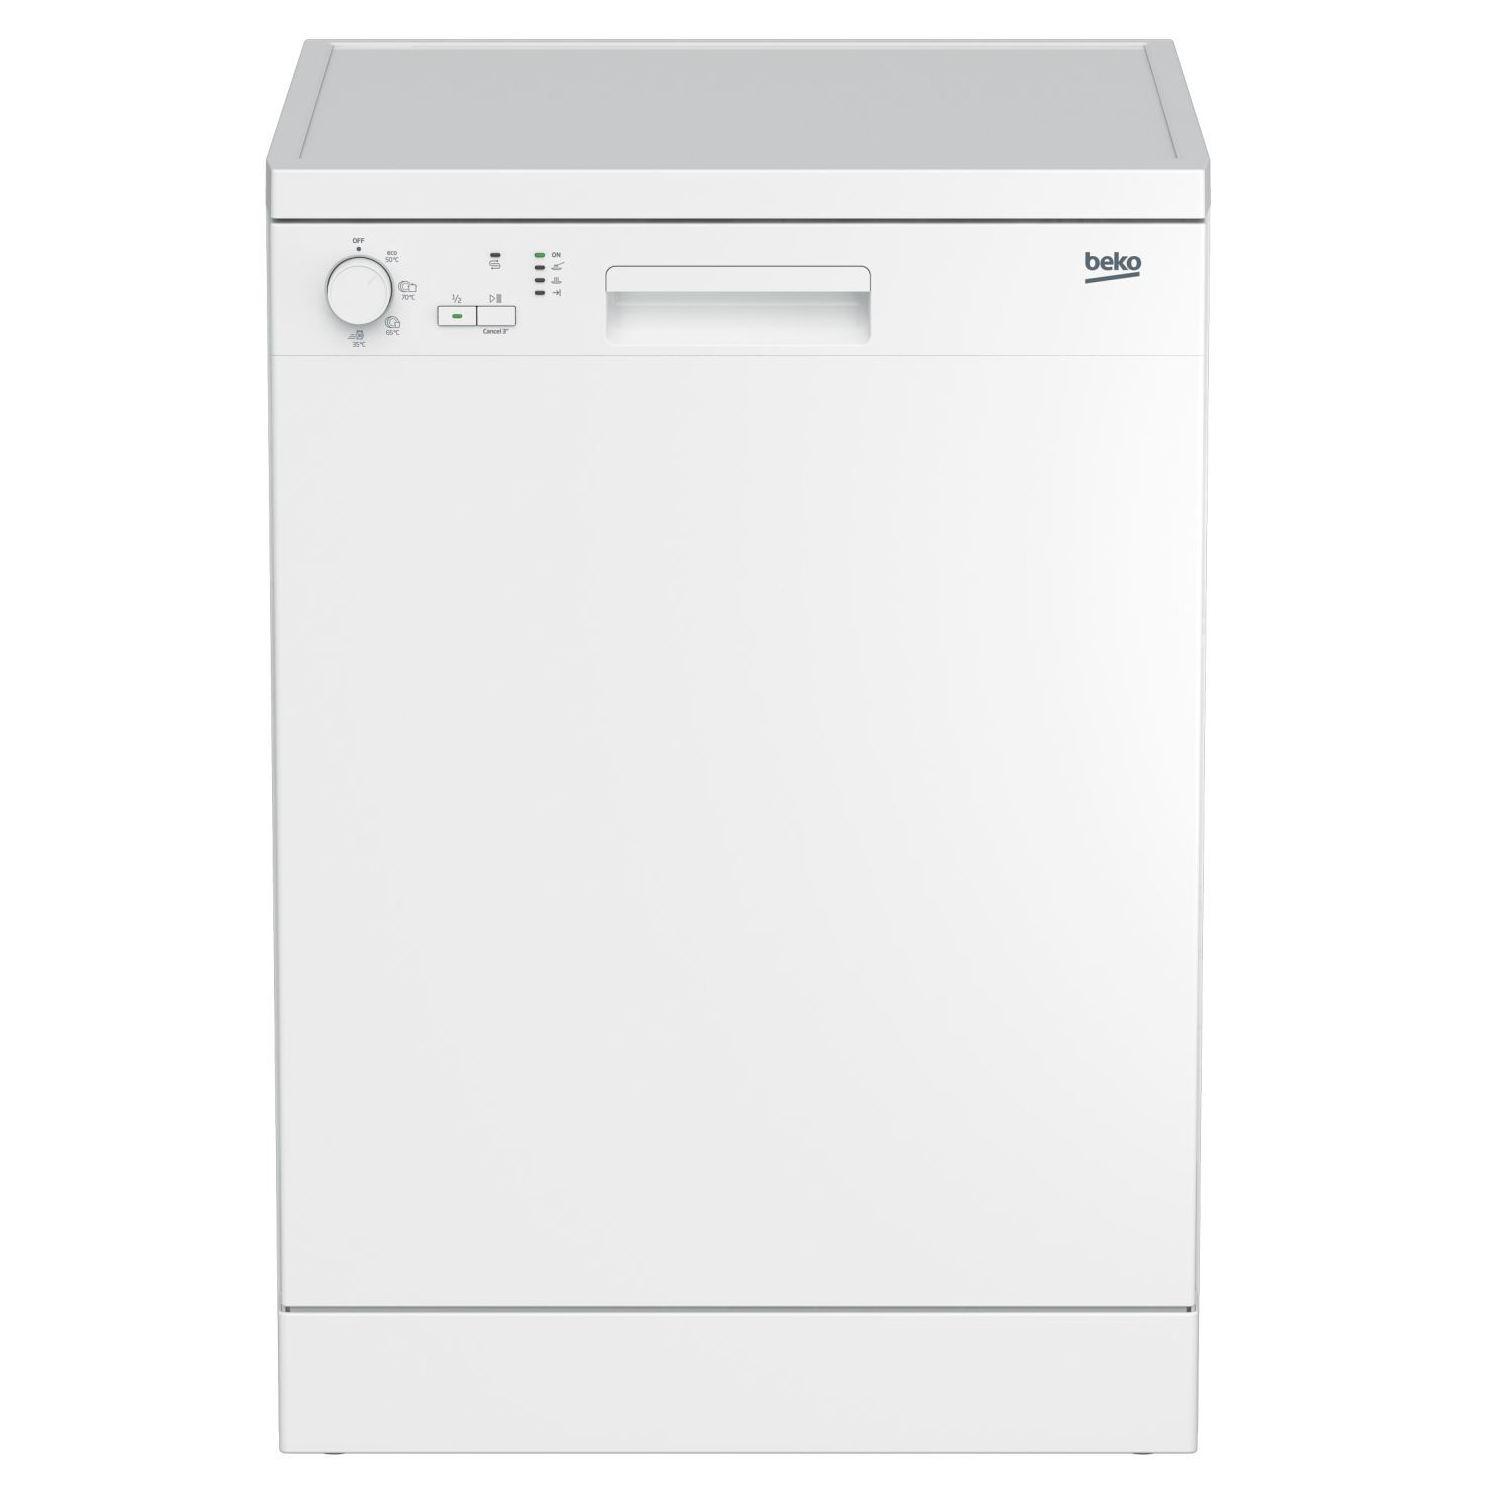 Lavavajillas - Beko DFC04210W ---239€: Productos y Ofertas de Don Electrodomésticos Tienda online